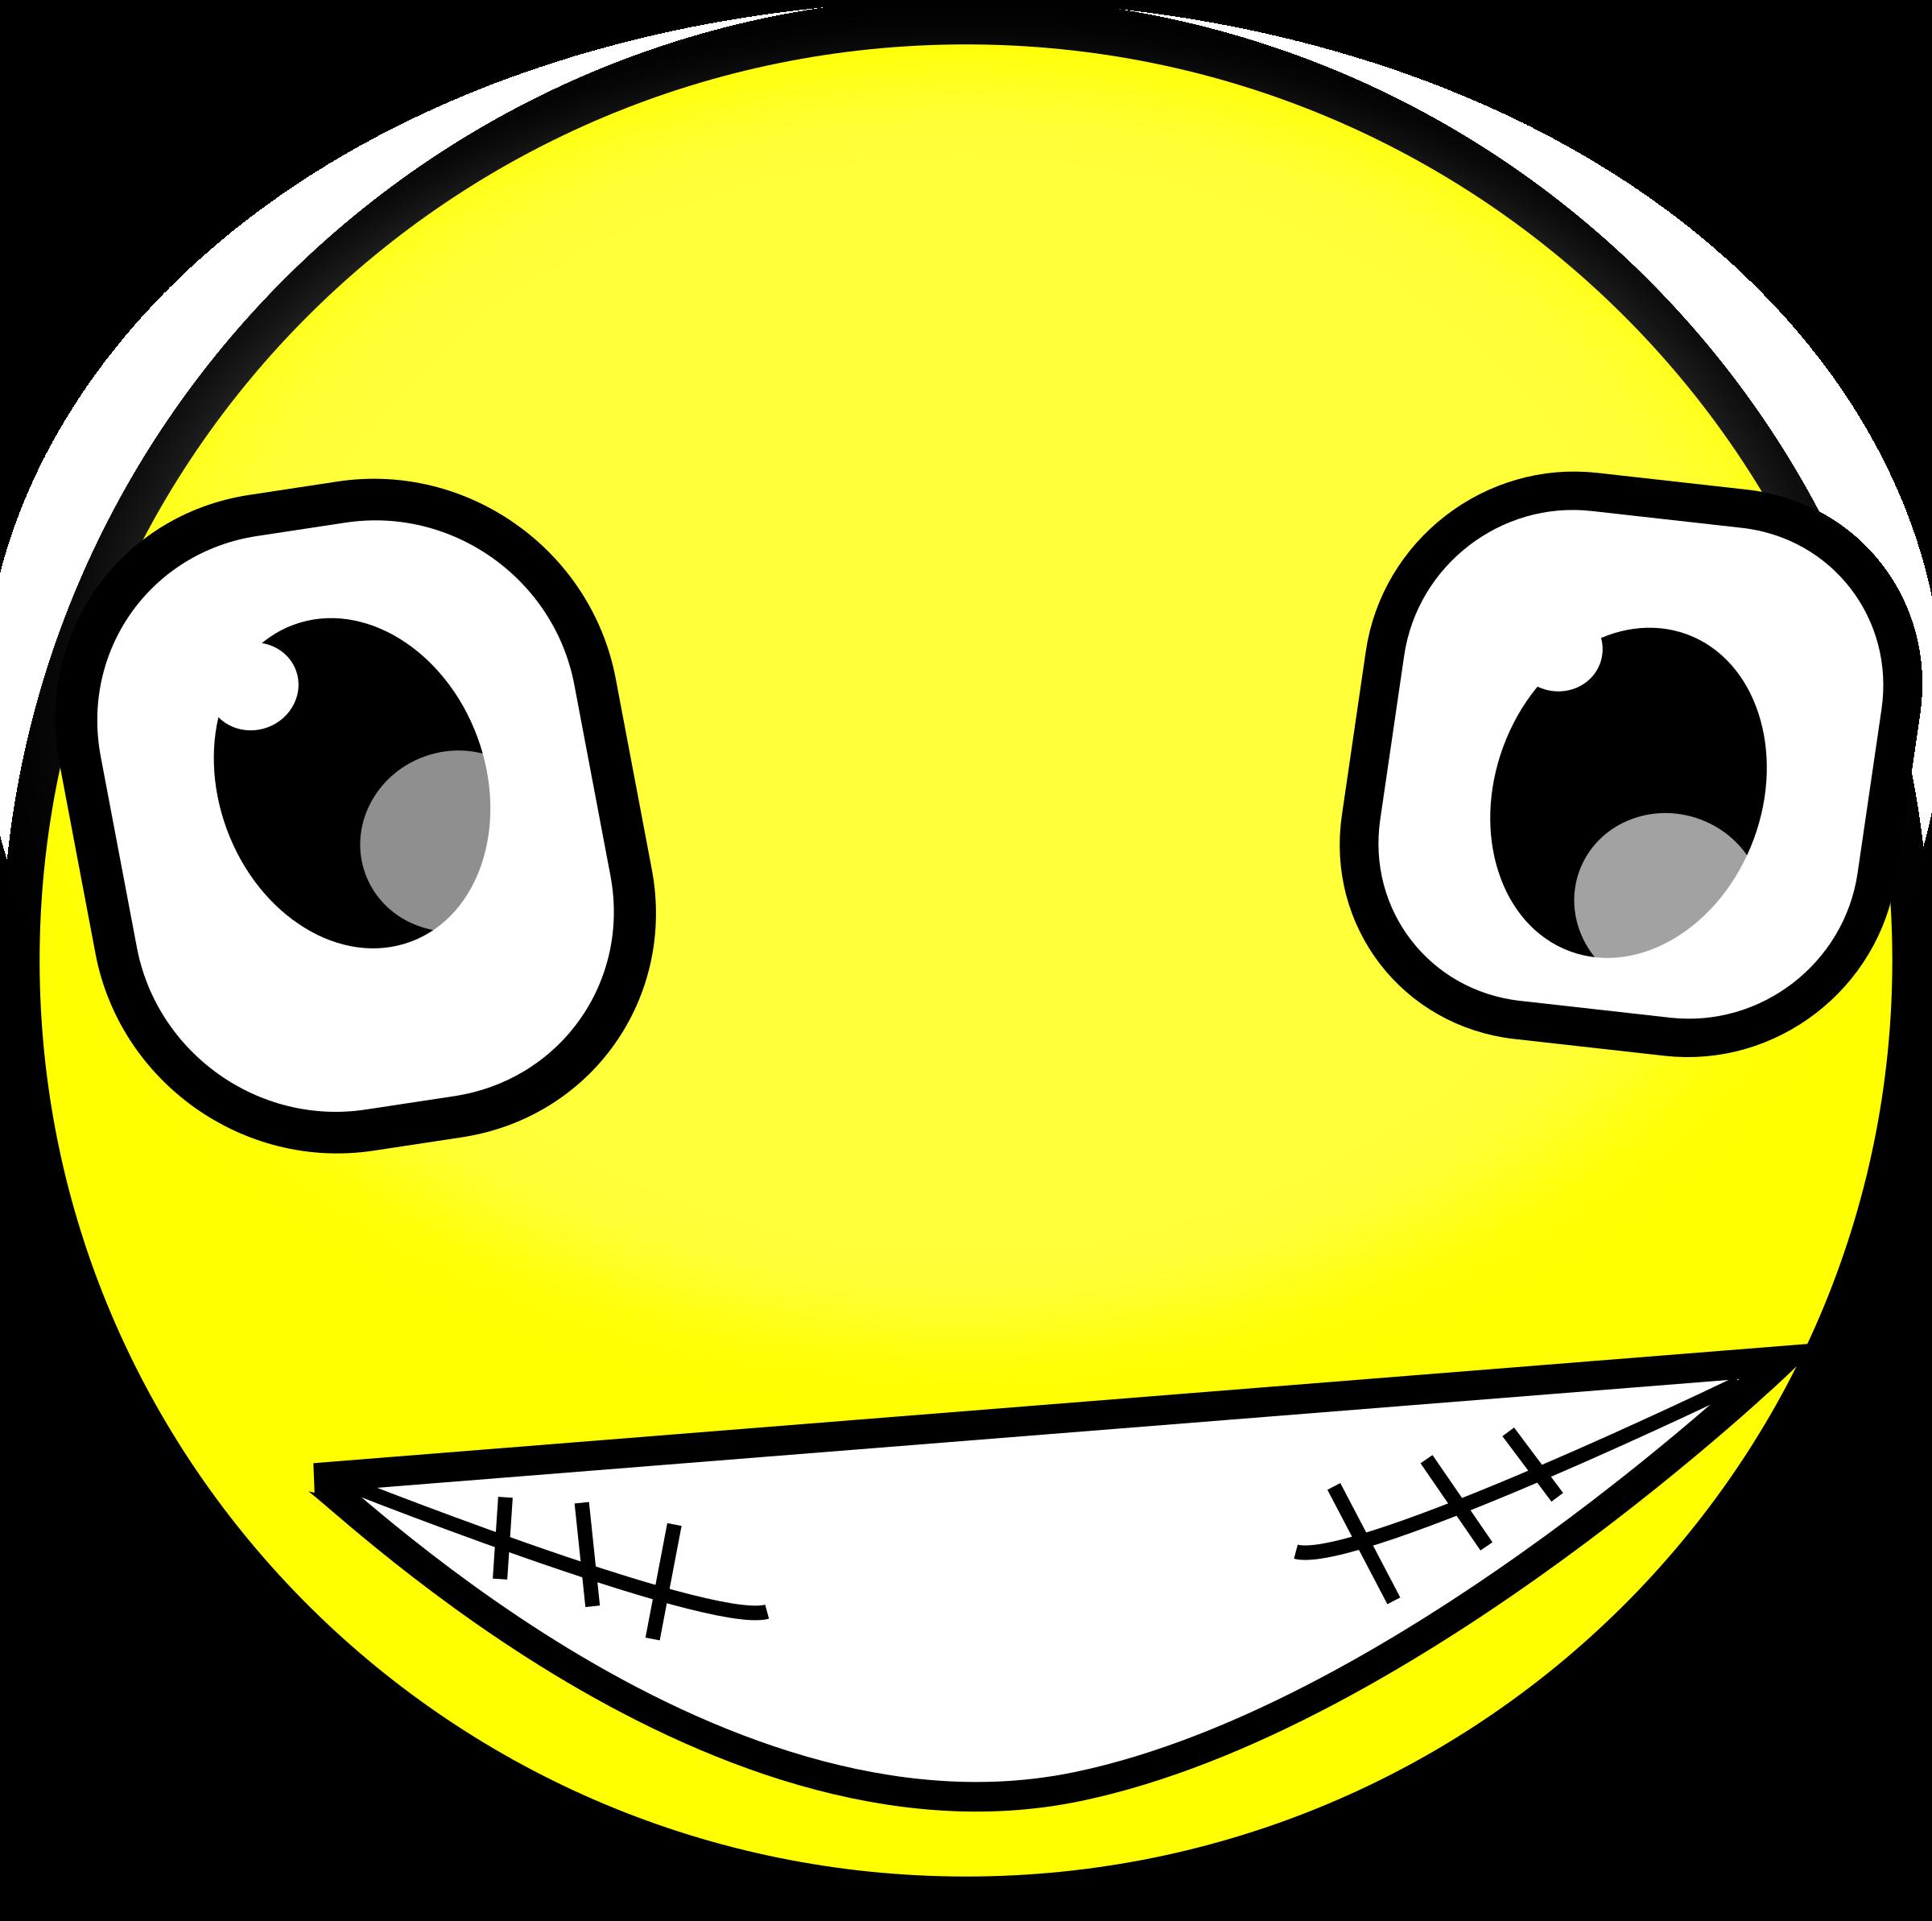 BIG IMAGE (PNG) - Creepy Clip Art